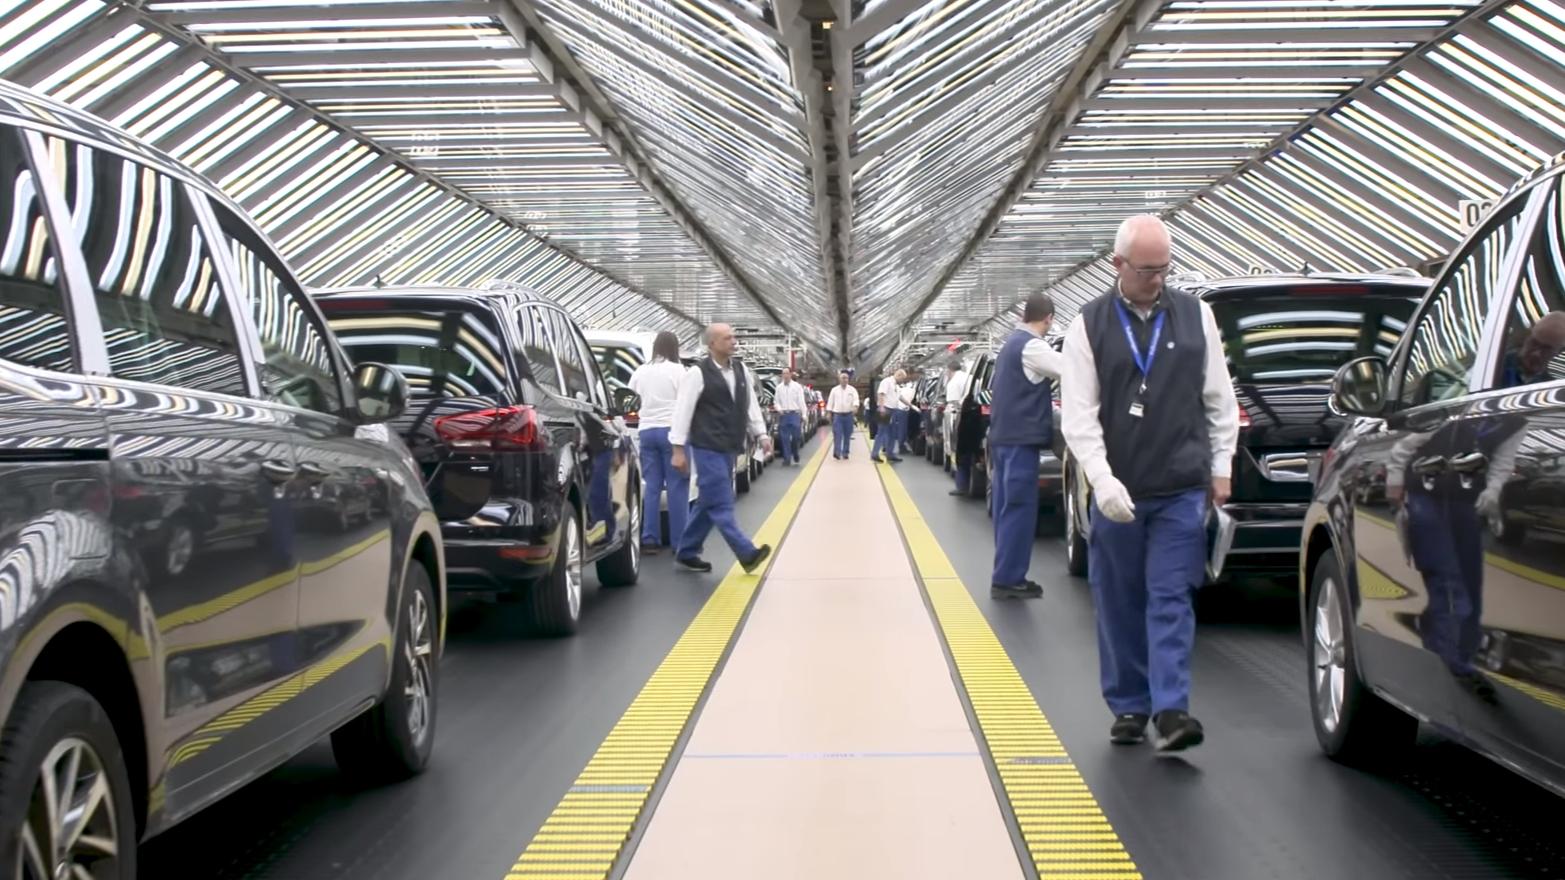 S výrobou automobilů ve Volkswagenu pomáhají stolní 3D tiskárny Ultimaker